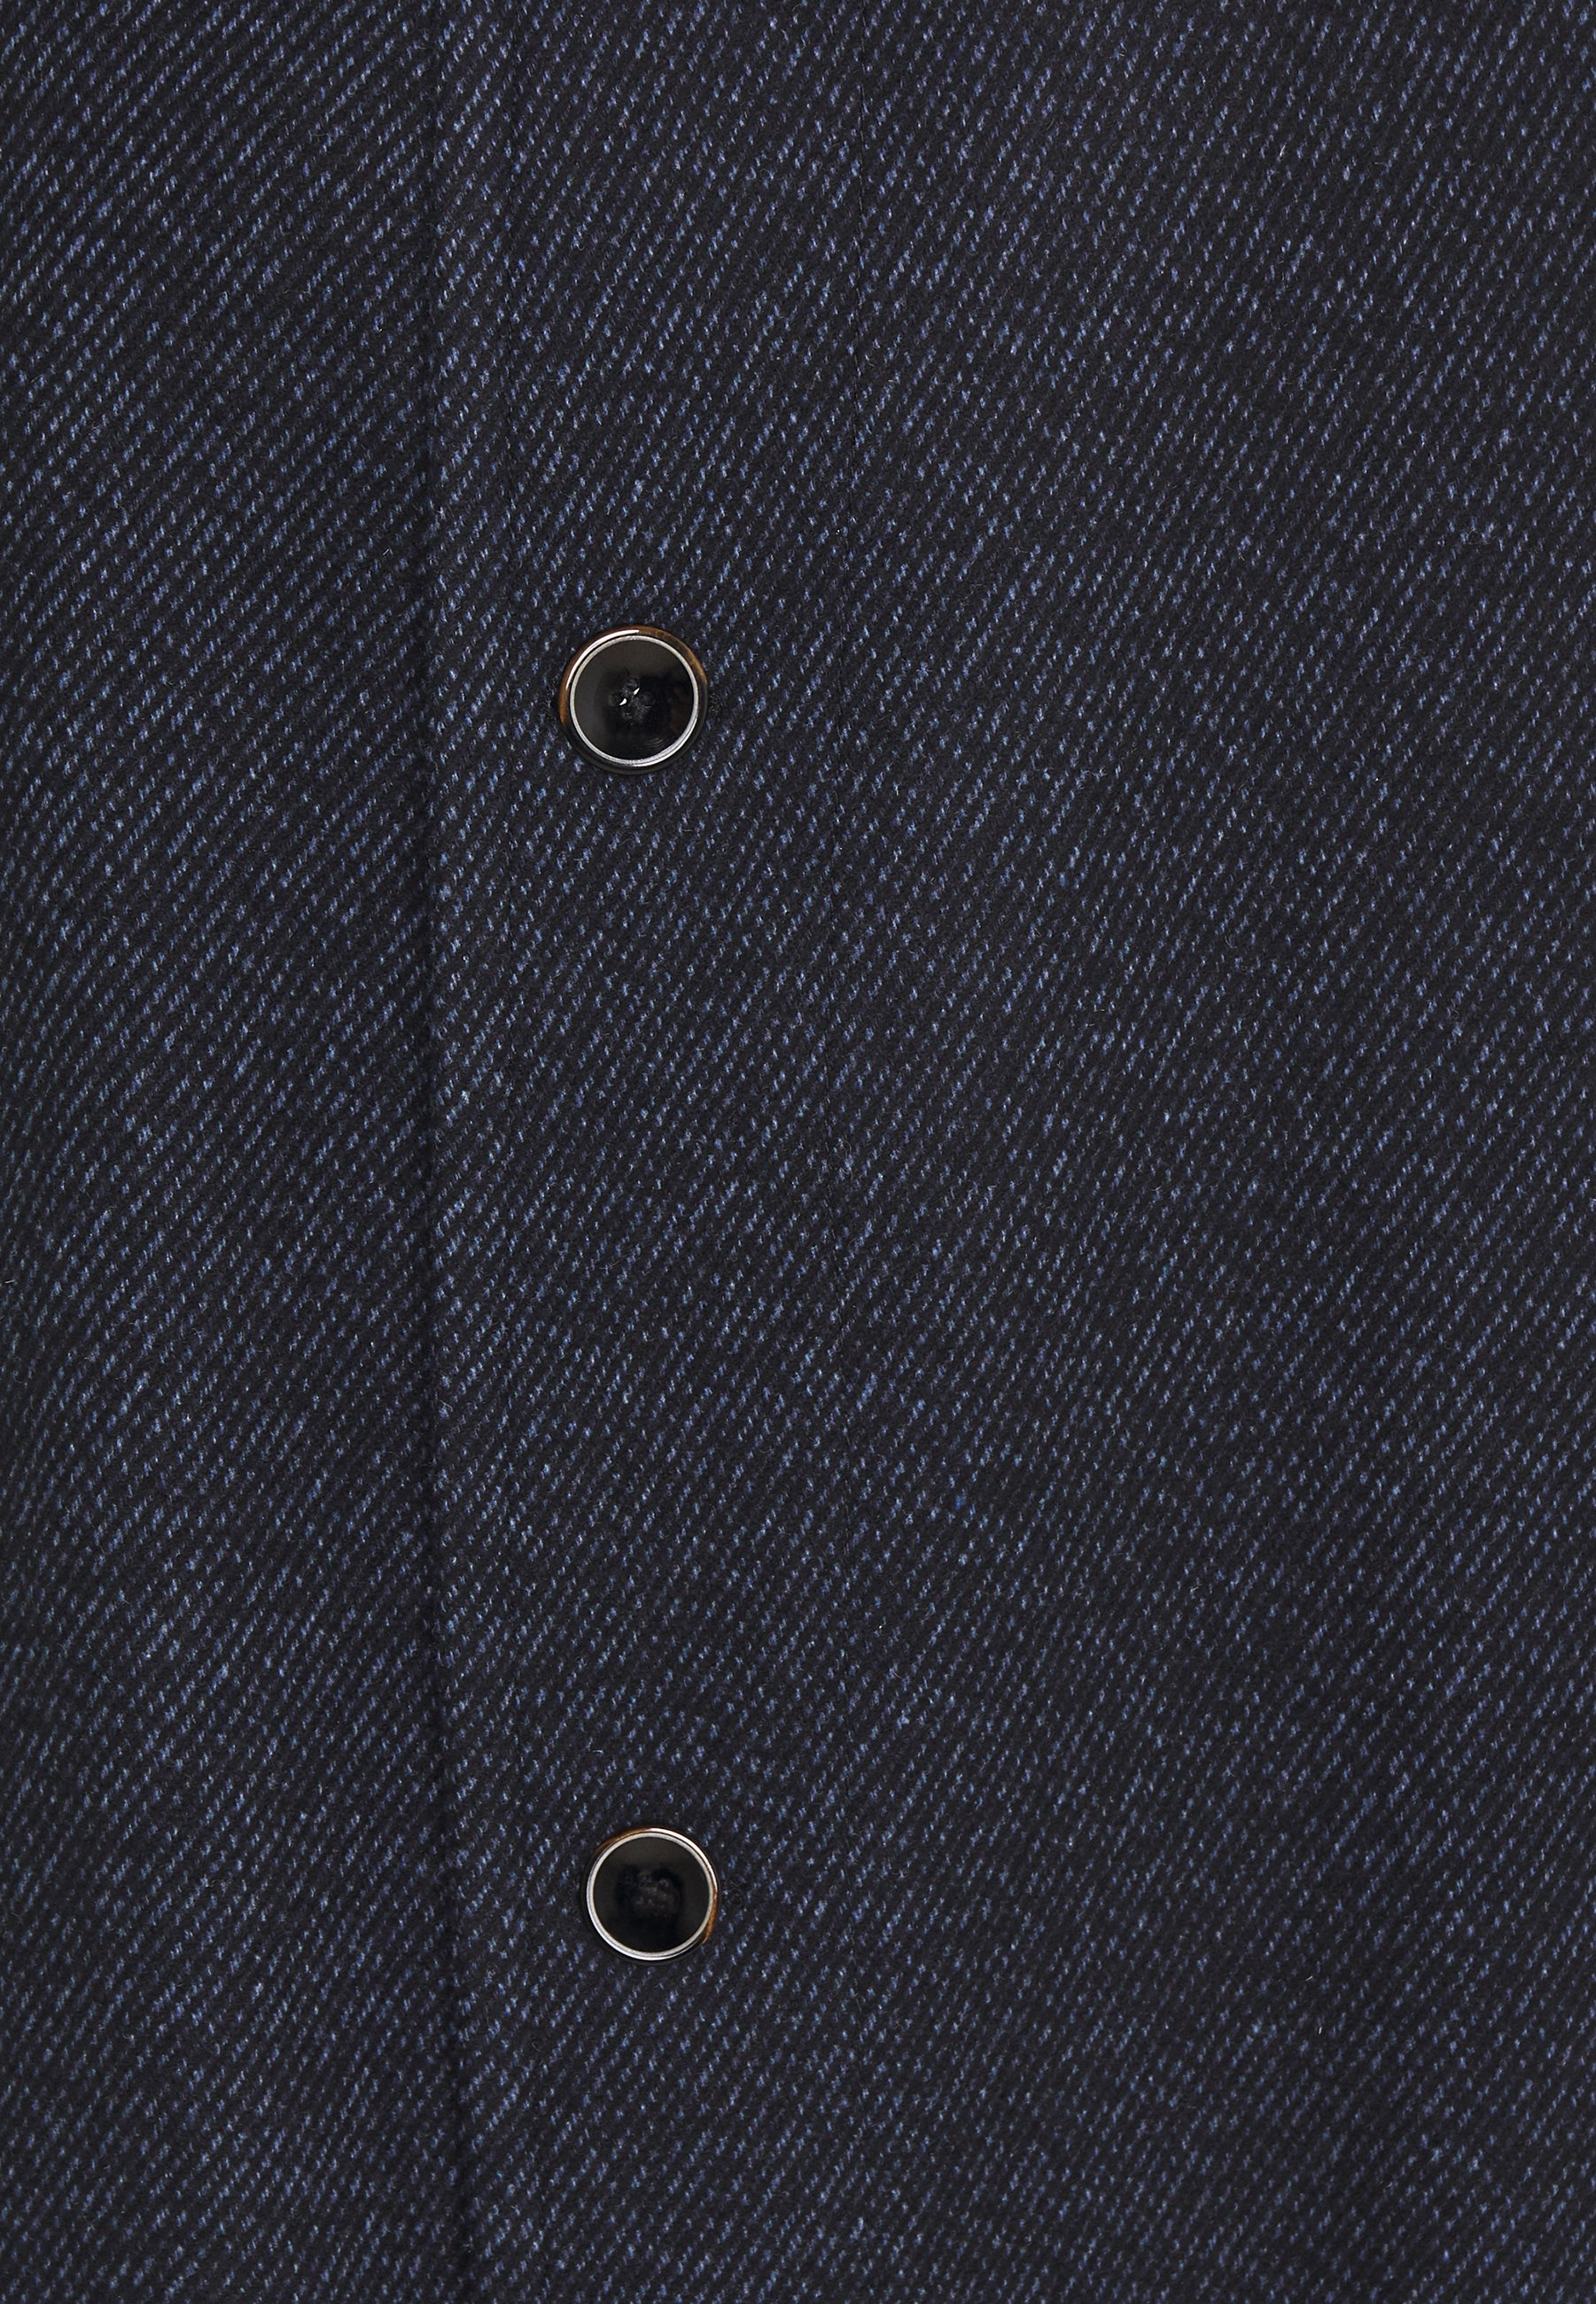 Bugatti Wollmantel/klassischer Mantel - dark blue/dunkelblau - Herrenwinterkleidung yihuG